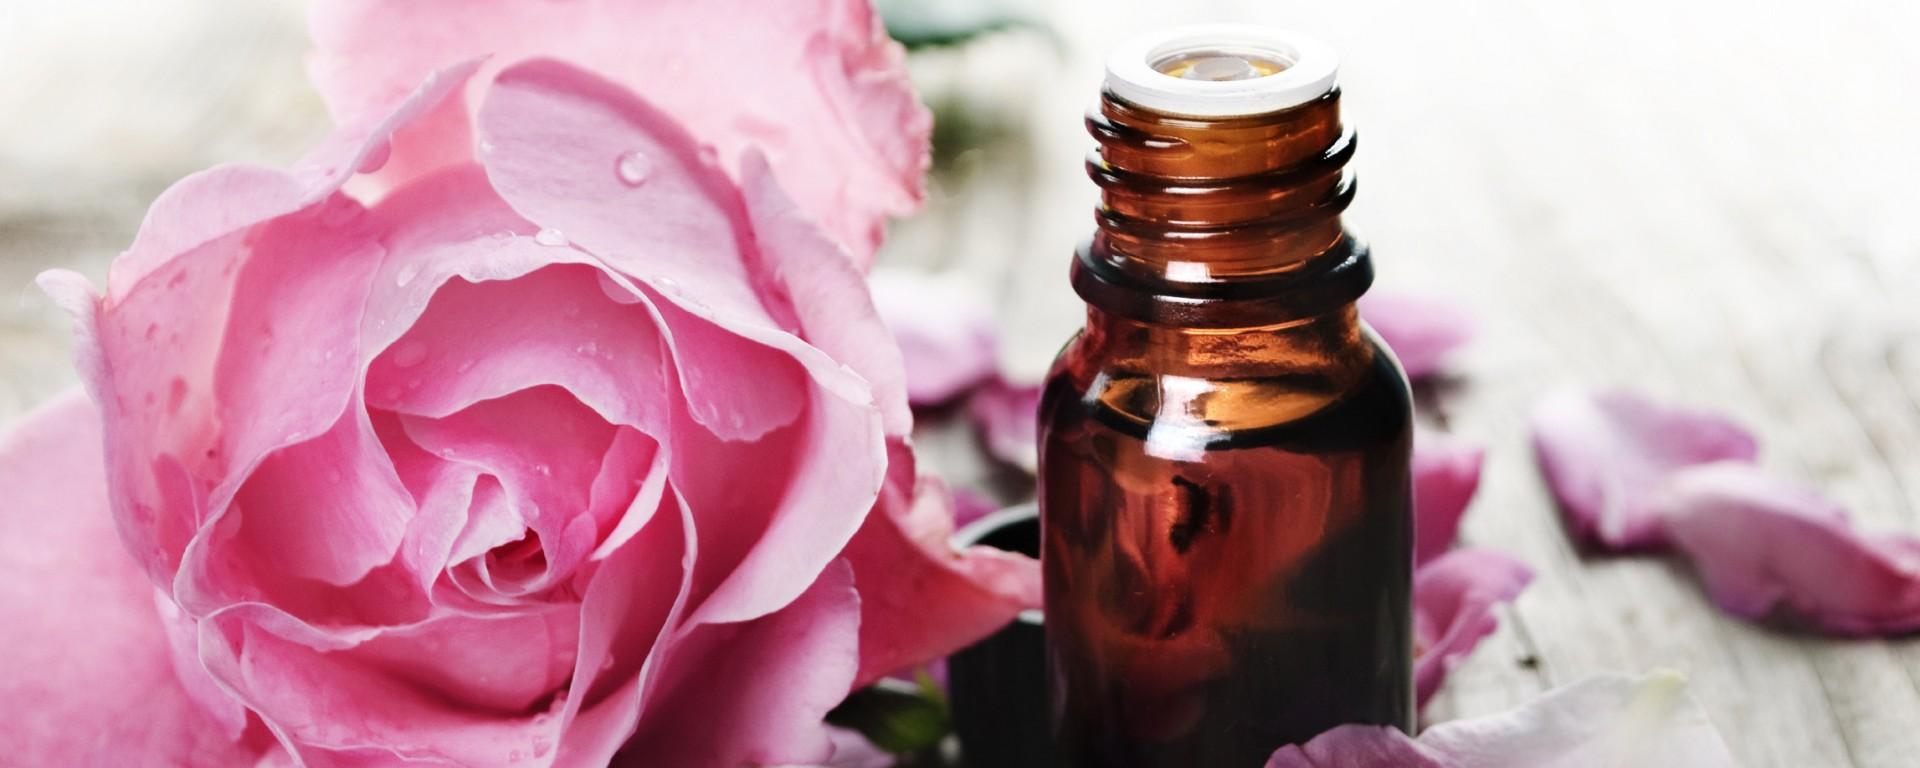 Българското розово масло – защо е течното злато на България